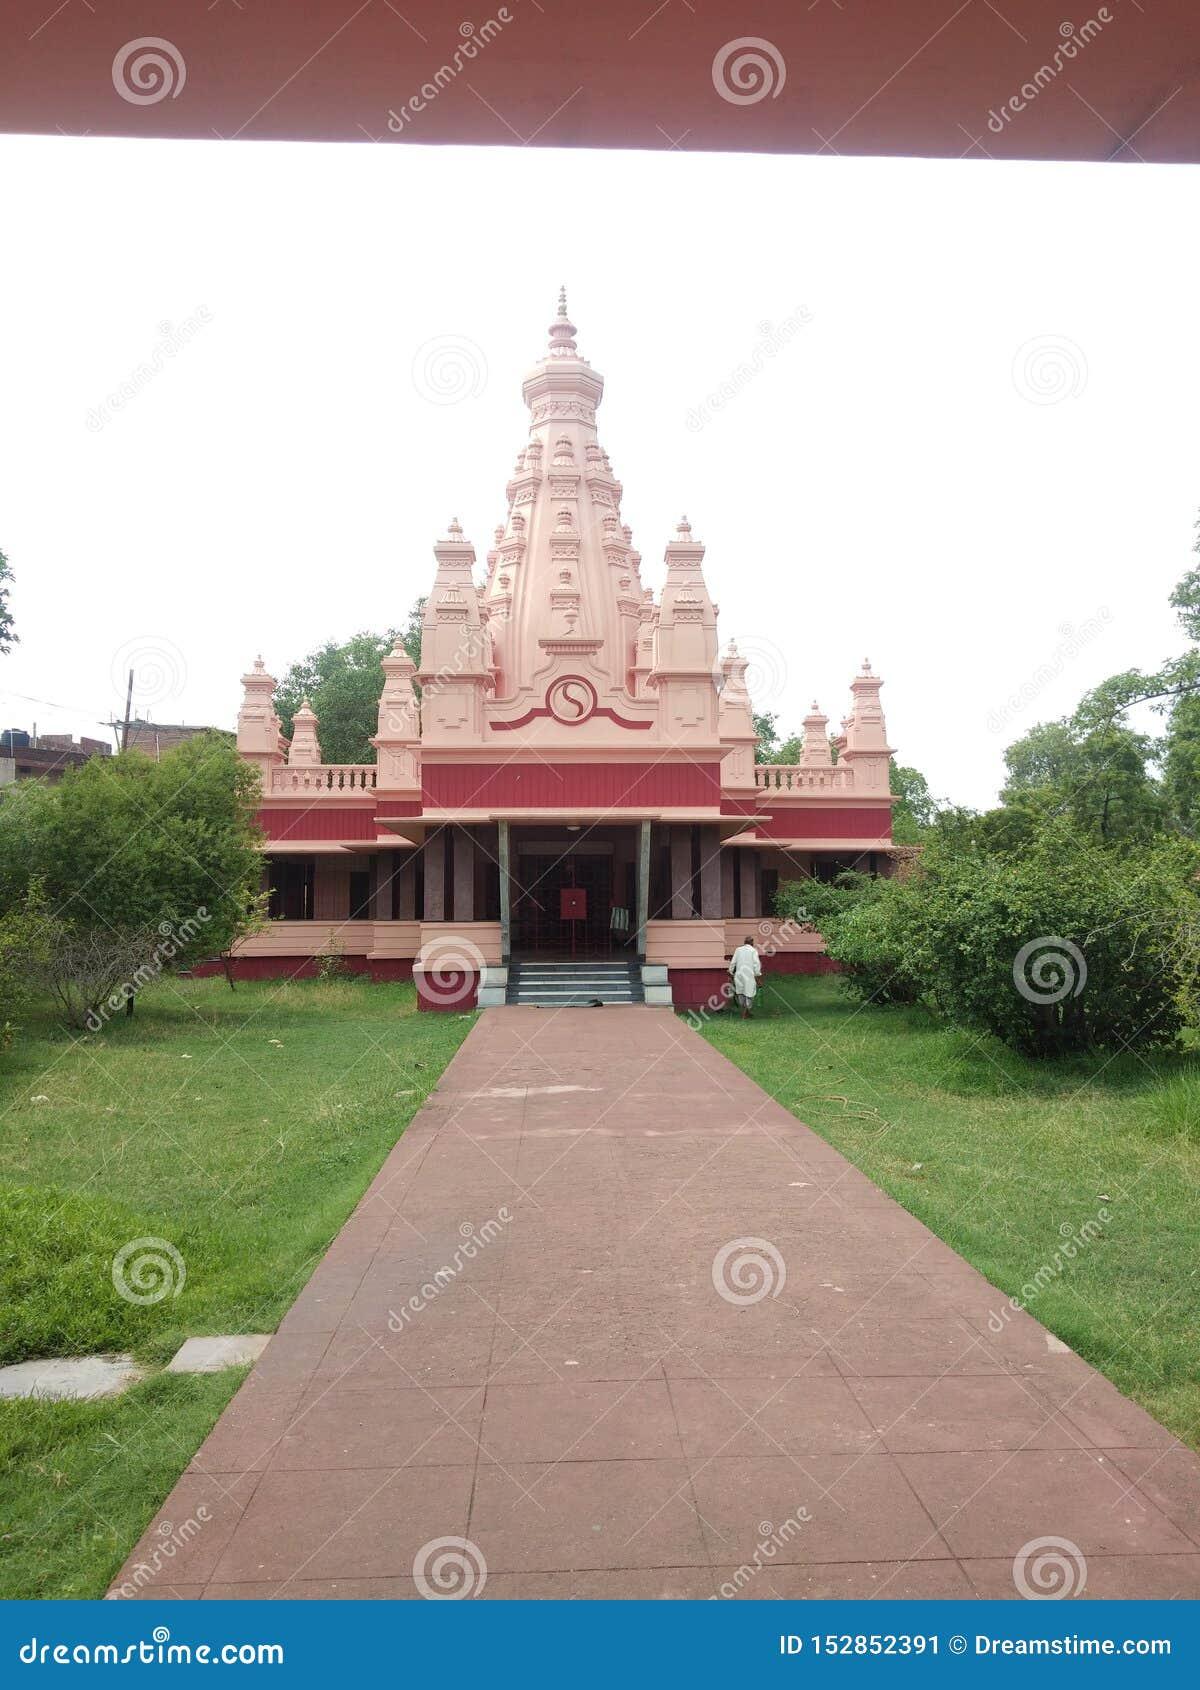 Jähriger indischer Tempel 150